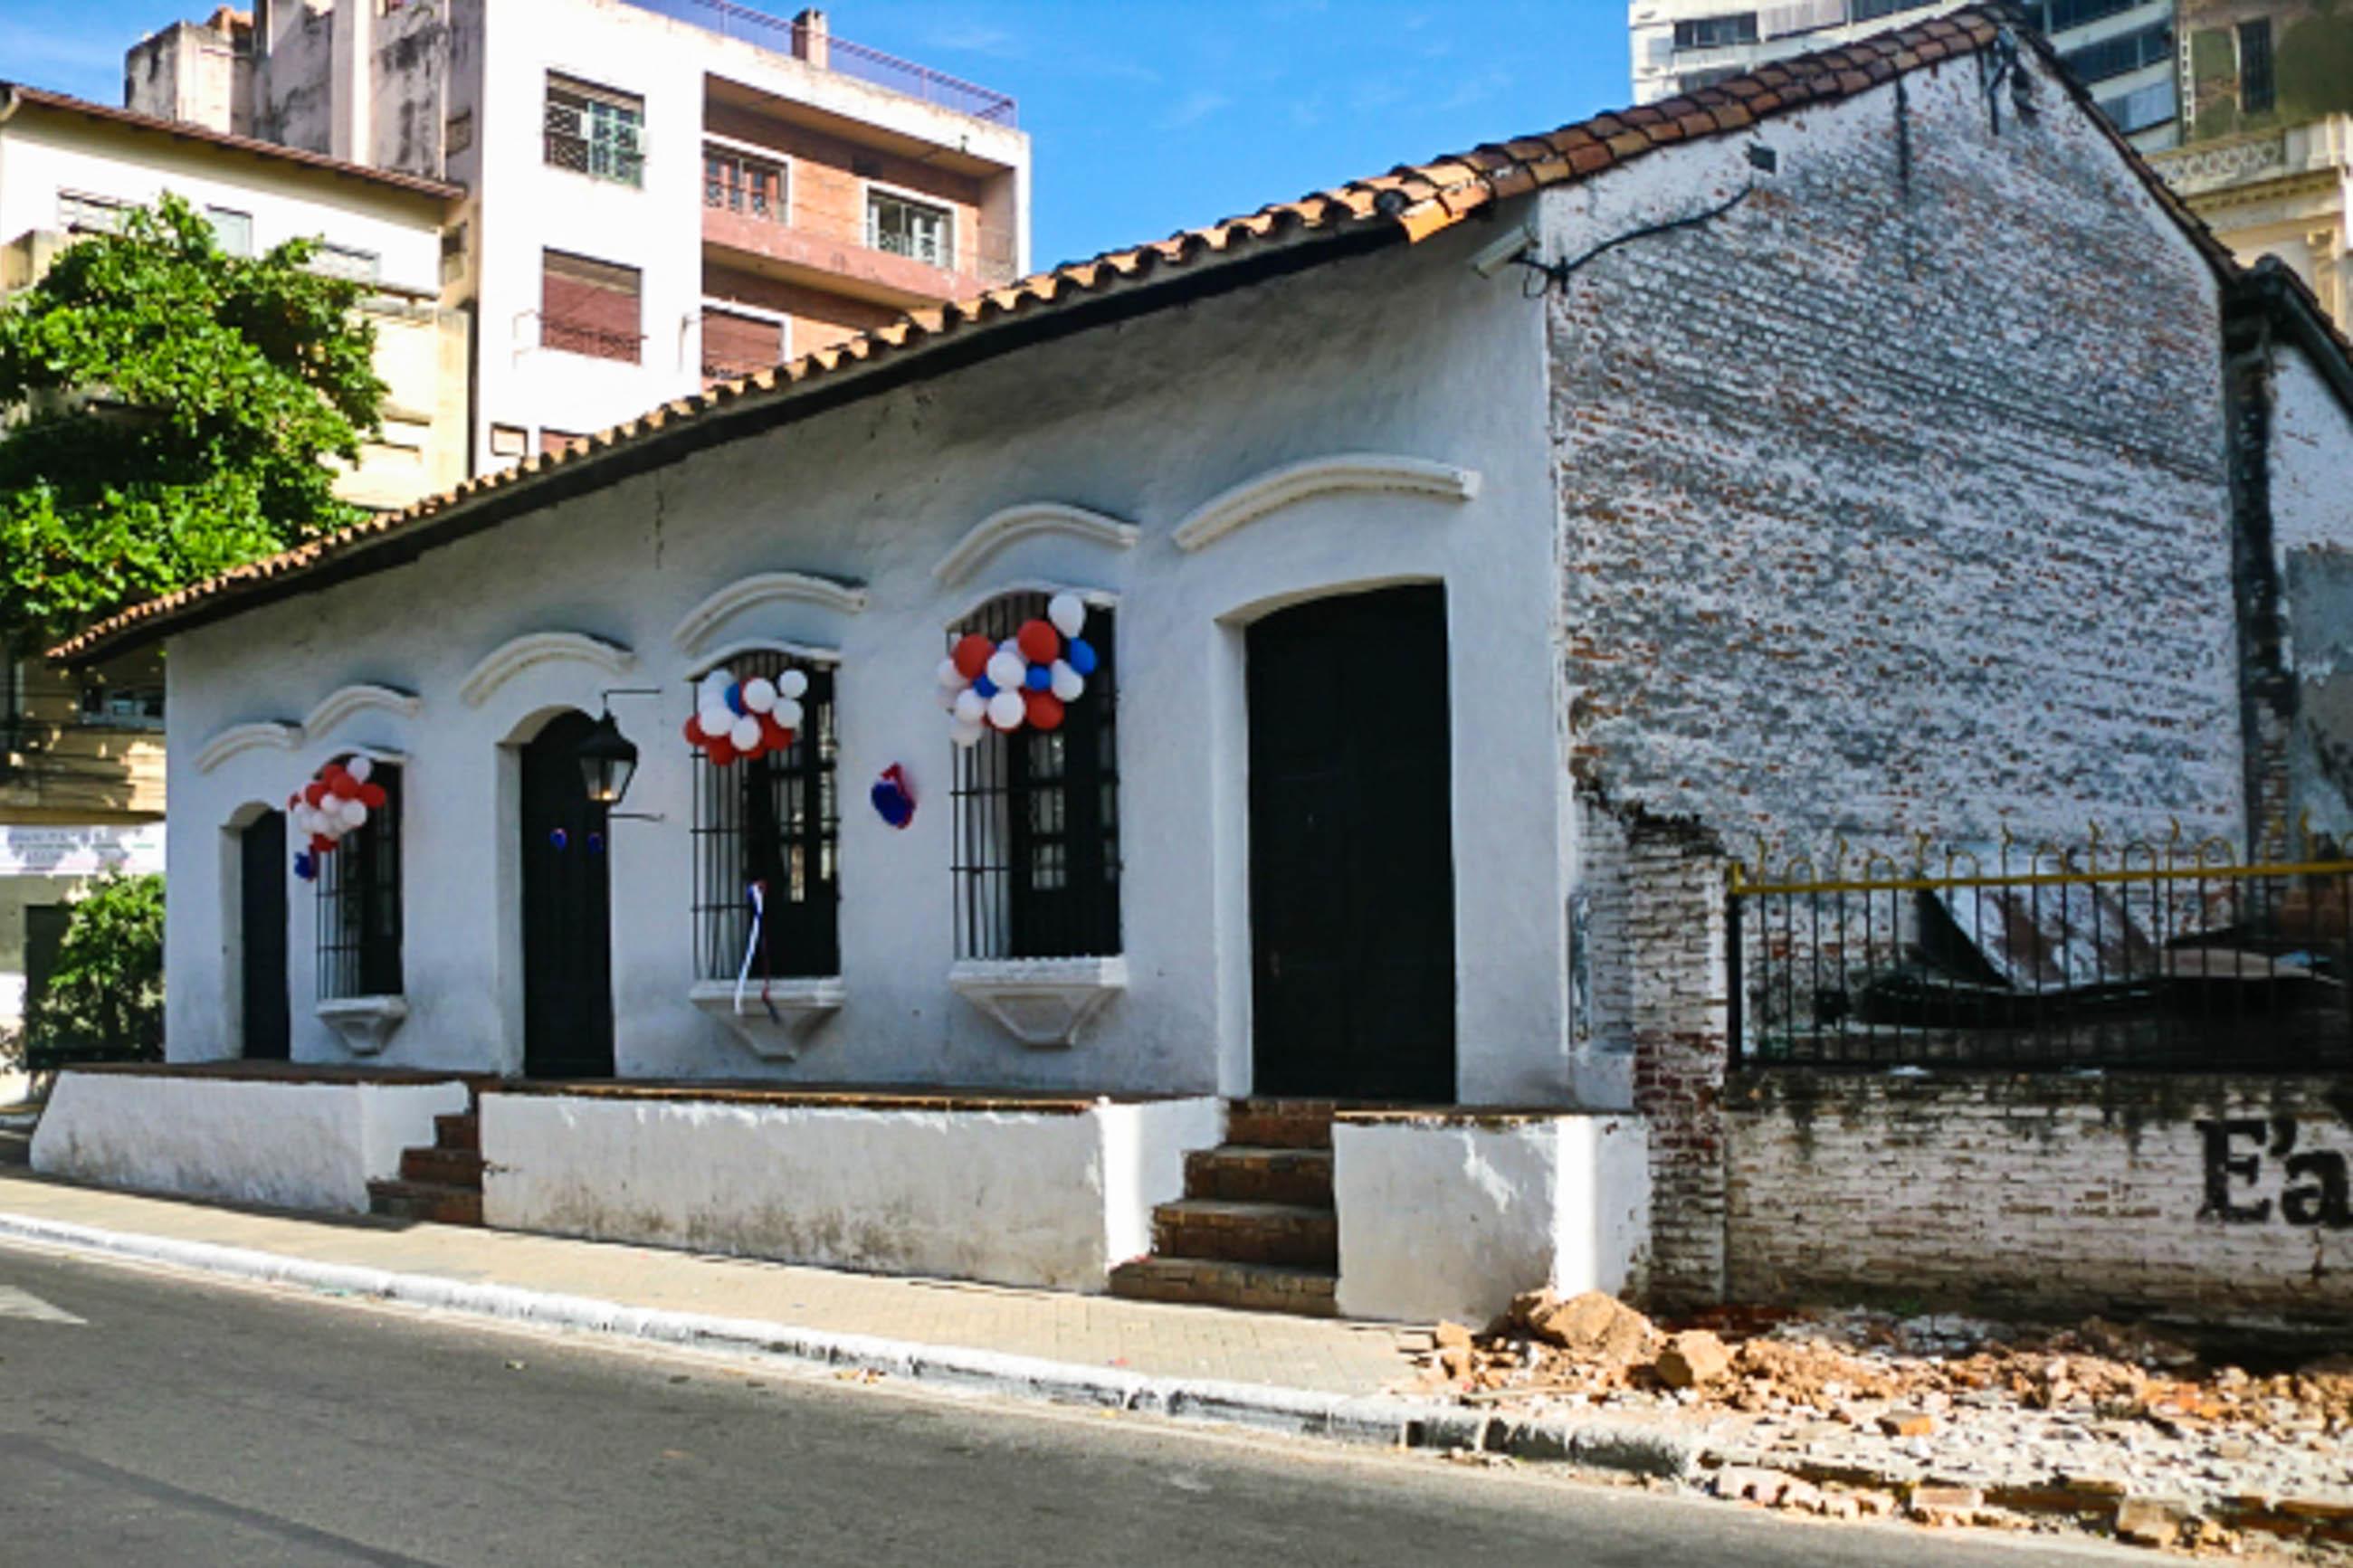 Casa de la independencia in asunci n paraguay franks for Casa jardin la asuncion